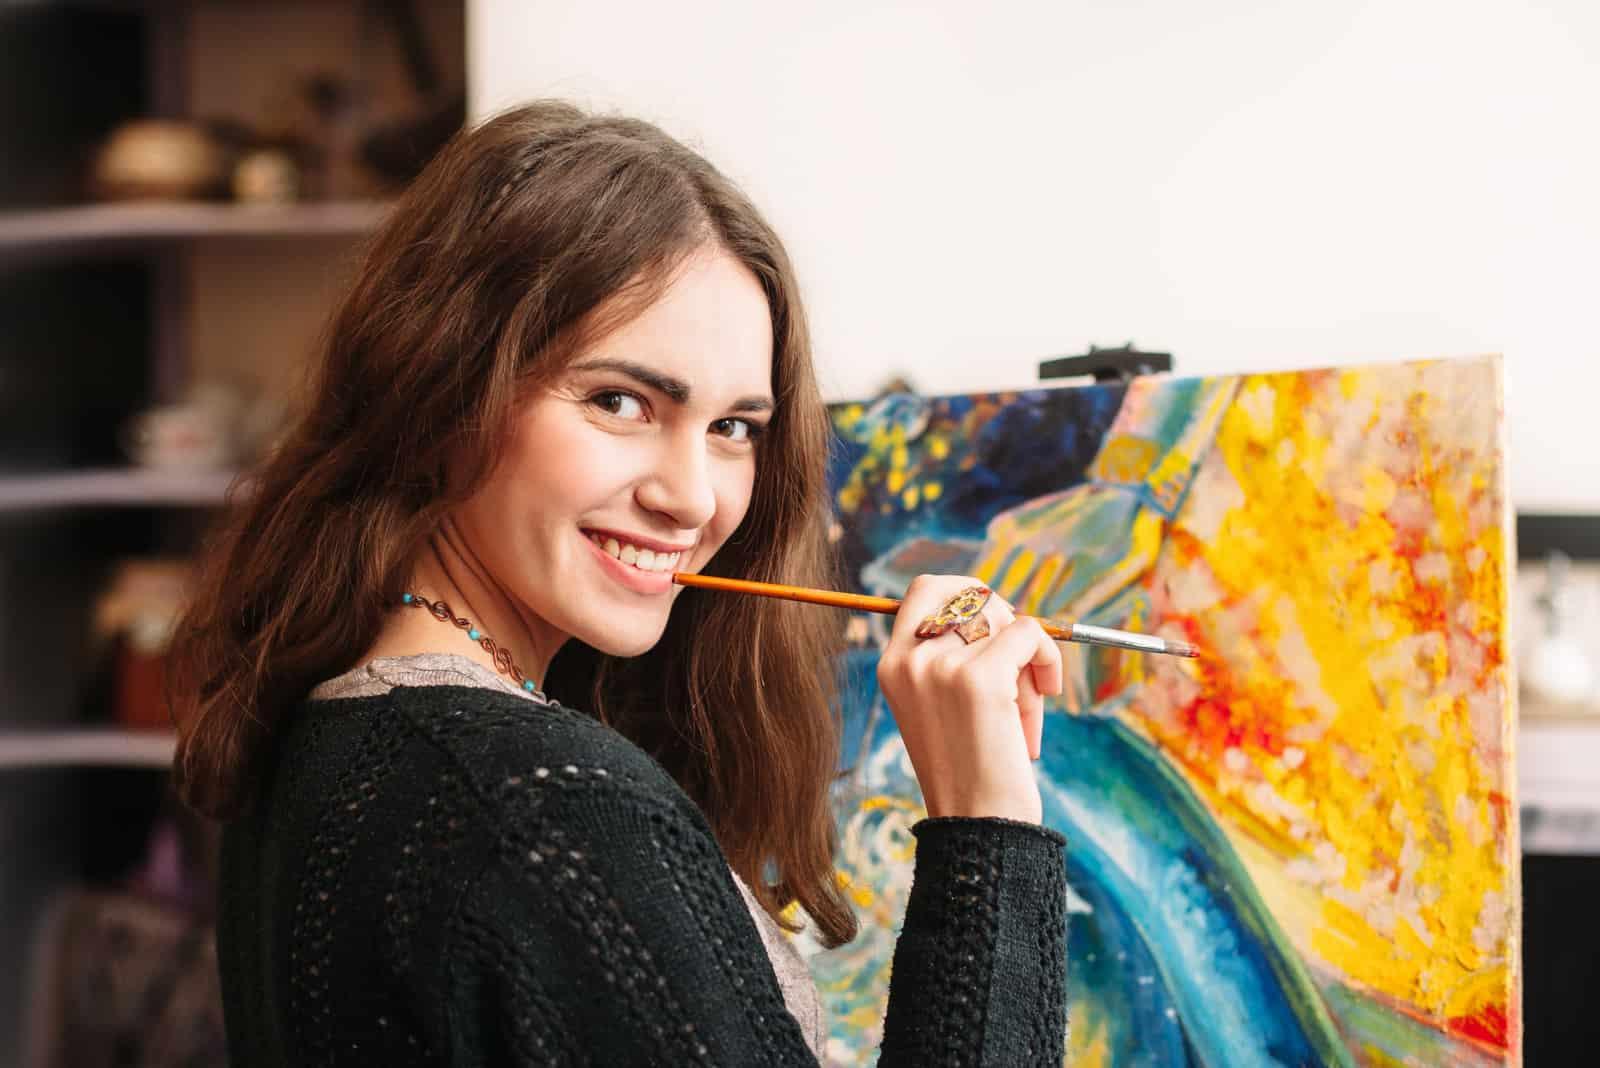 Eine lächelnde Frau malt ein Bild